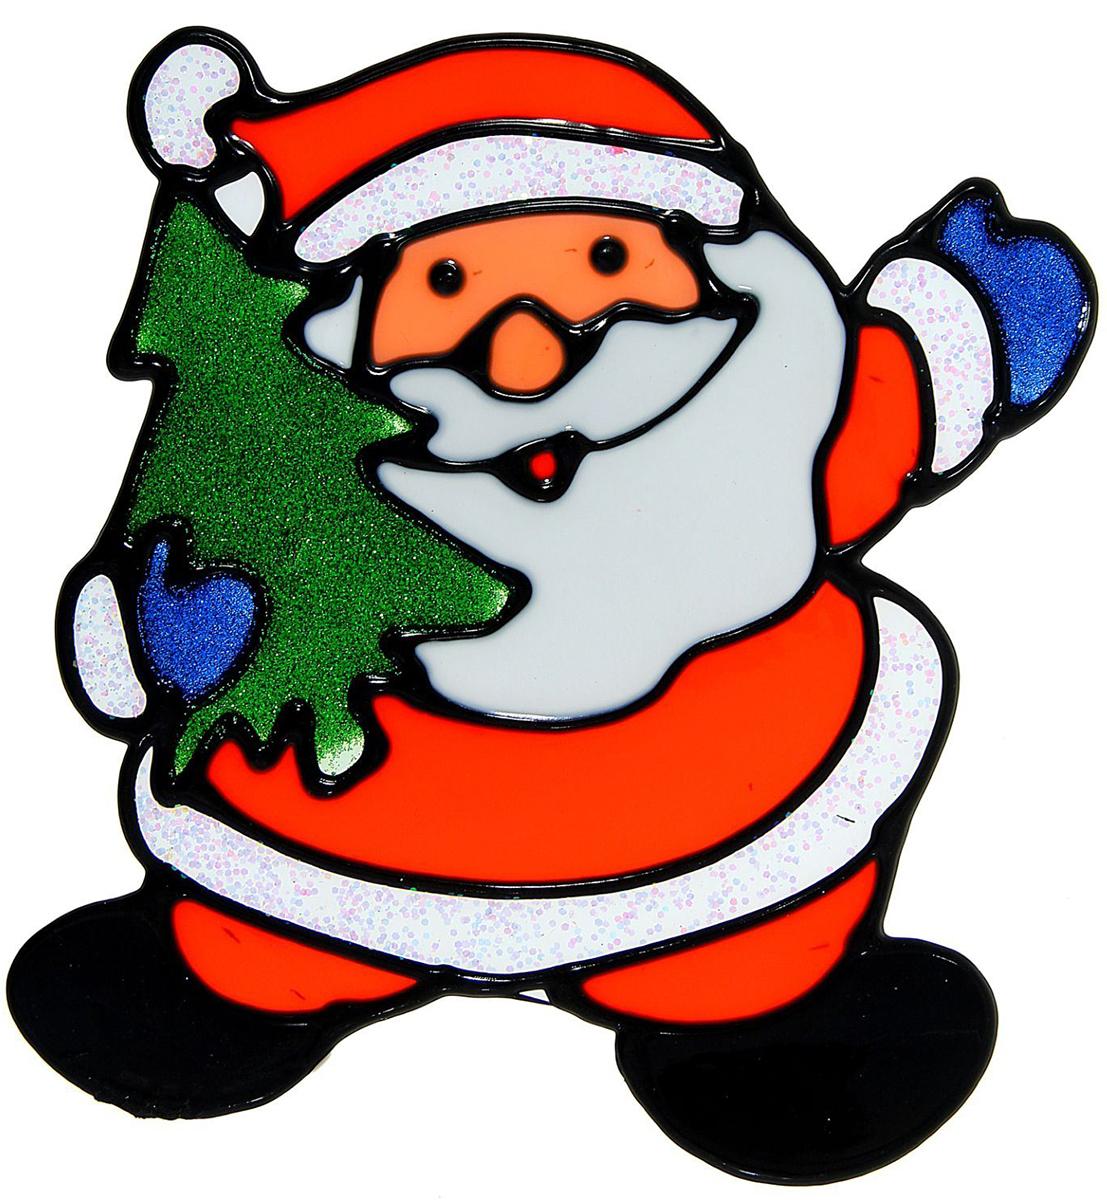 Украшение новогоднее оконное NoName Дед Мороз с елкой, 14 х 15,5 см1113564Новогоднее оконное украшение NoName Дед Мороз с елкой поможет украсить дом к предстоящим праздникам. Яркая наклейка крепится к гладкой поверхности стекла посредством статического эффекта. С помощью такого украшения вы сможете оживить интерьер по своему вкусу.Новогодние украшения всегда несут в себе волшебство и красоту праздника. Создайте в своем доме атмосферу тепла, веселья и радости, украшая его всей семьей.